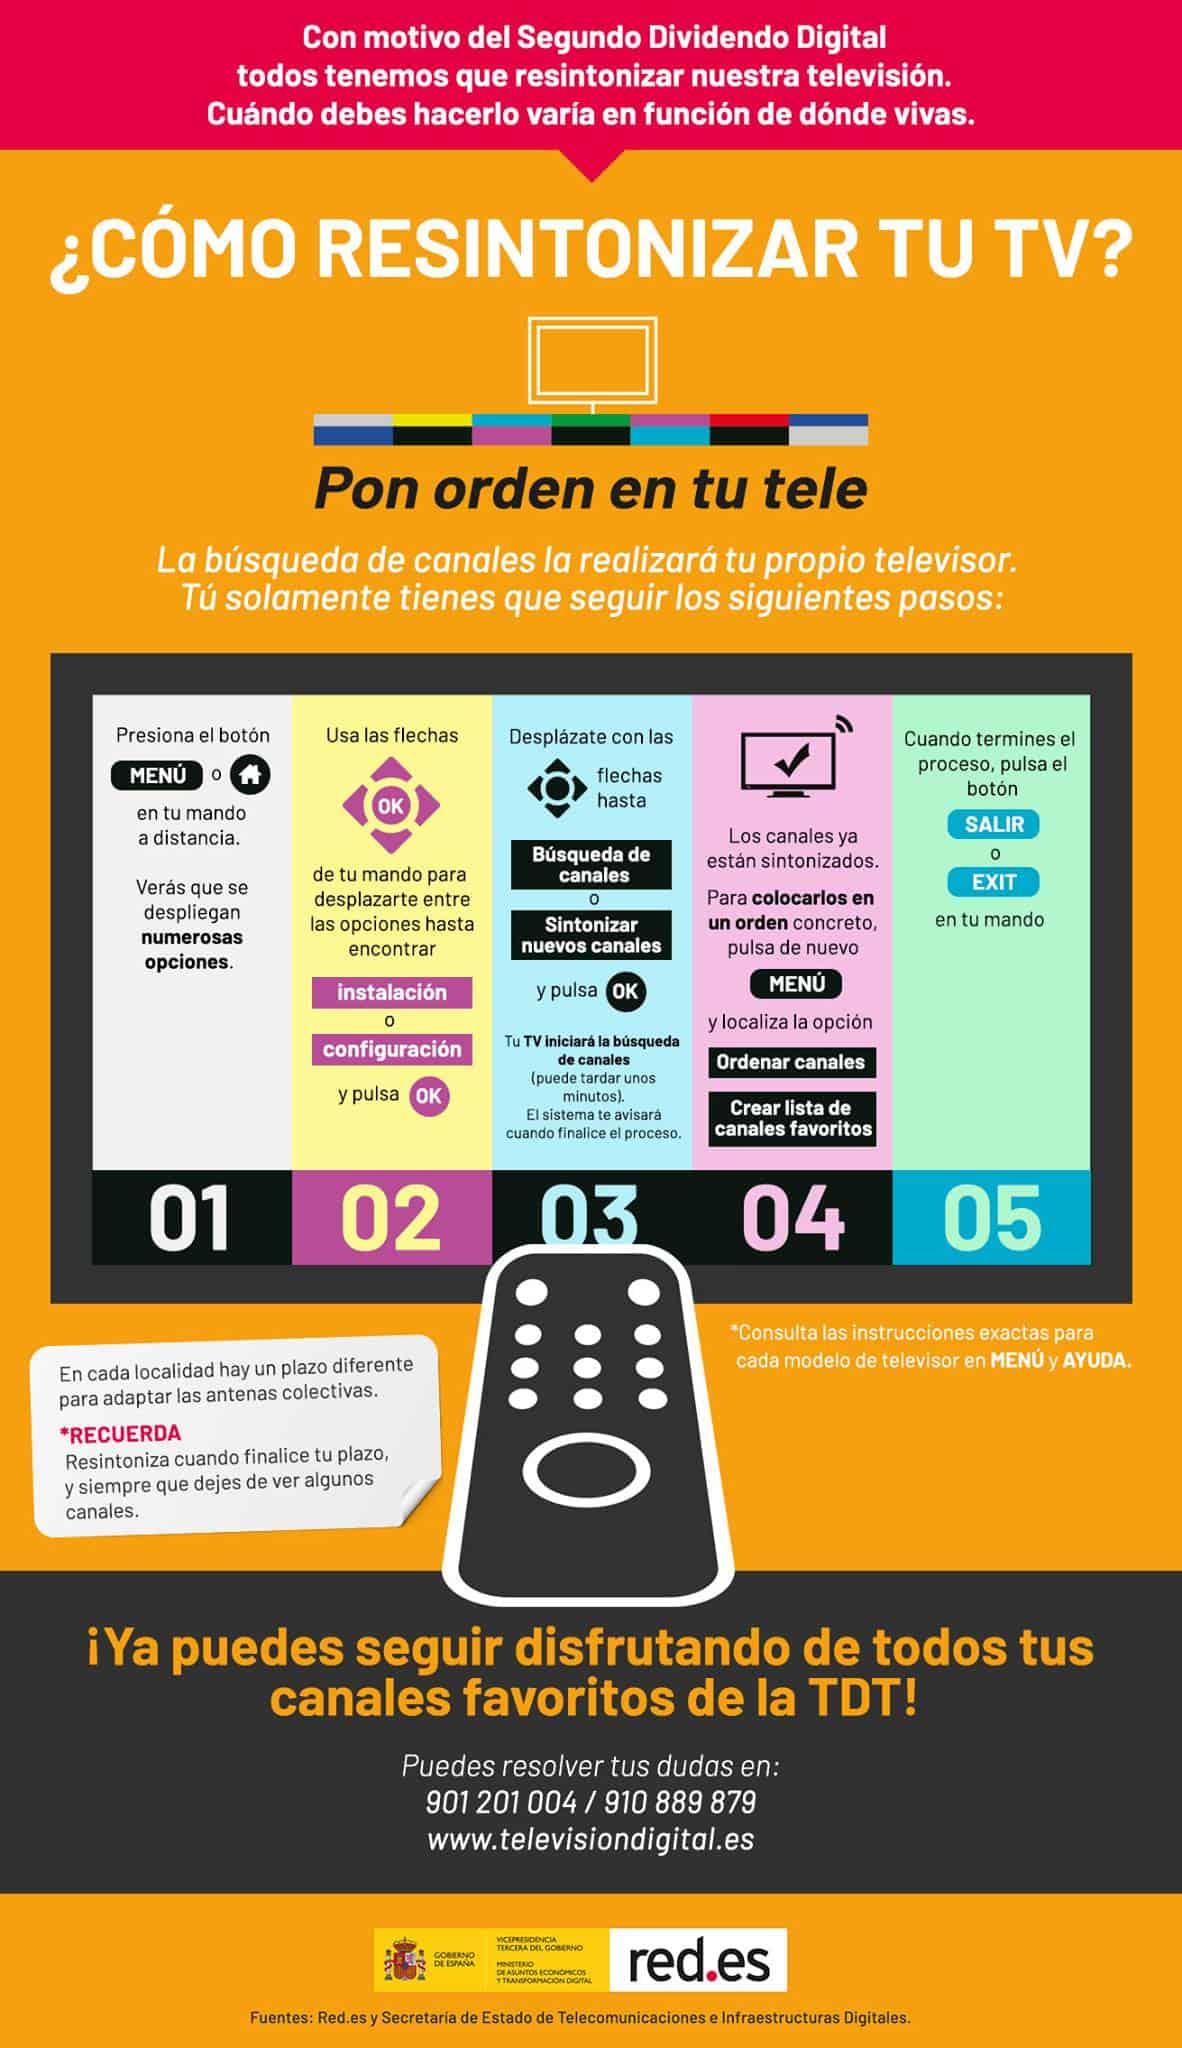 resintonizacion-television-canales-2020-redes